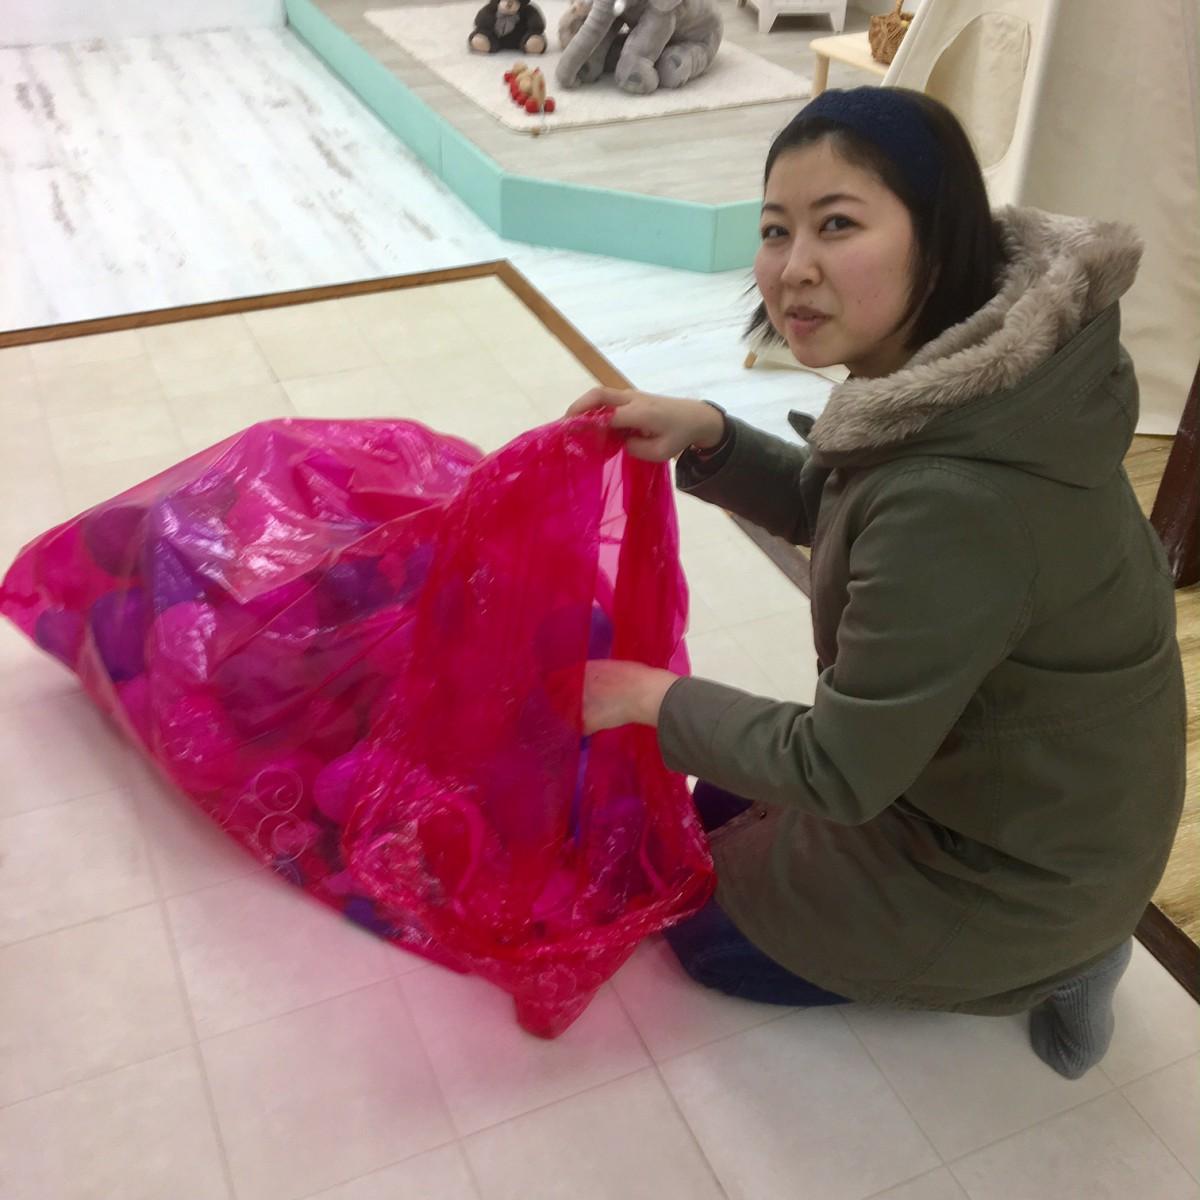 ◆スタジオ衣装と小物が綺麗になりました^^◆